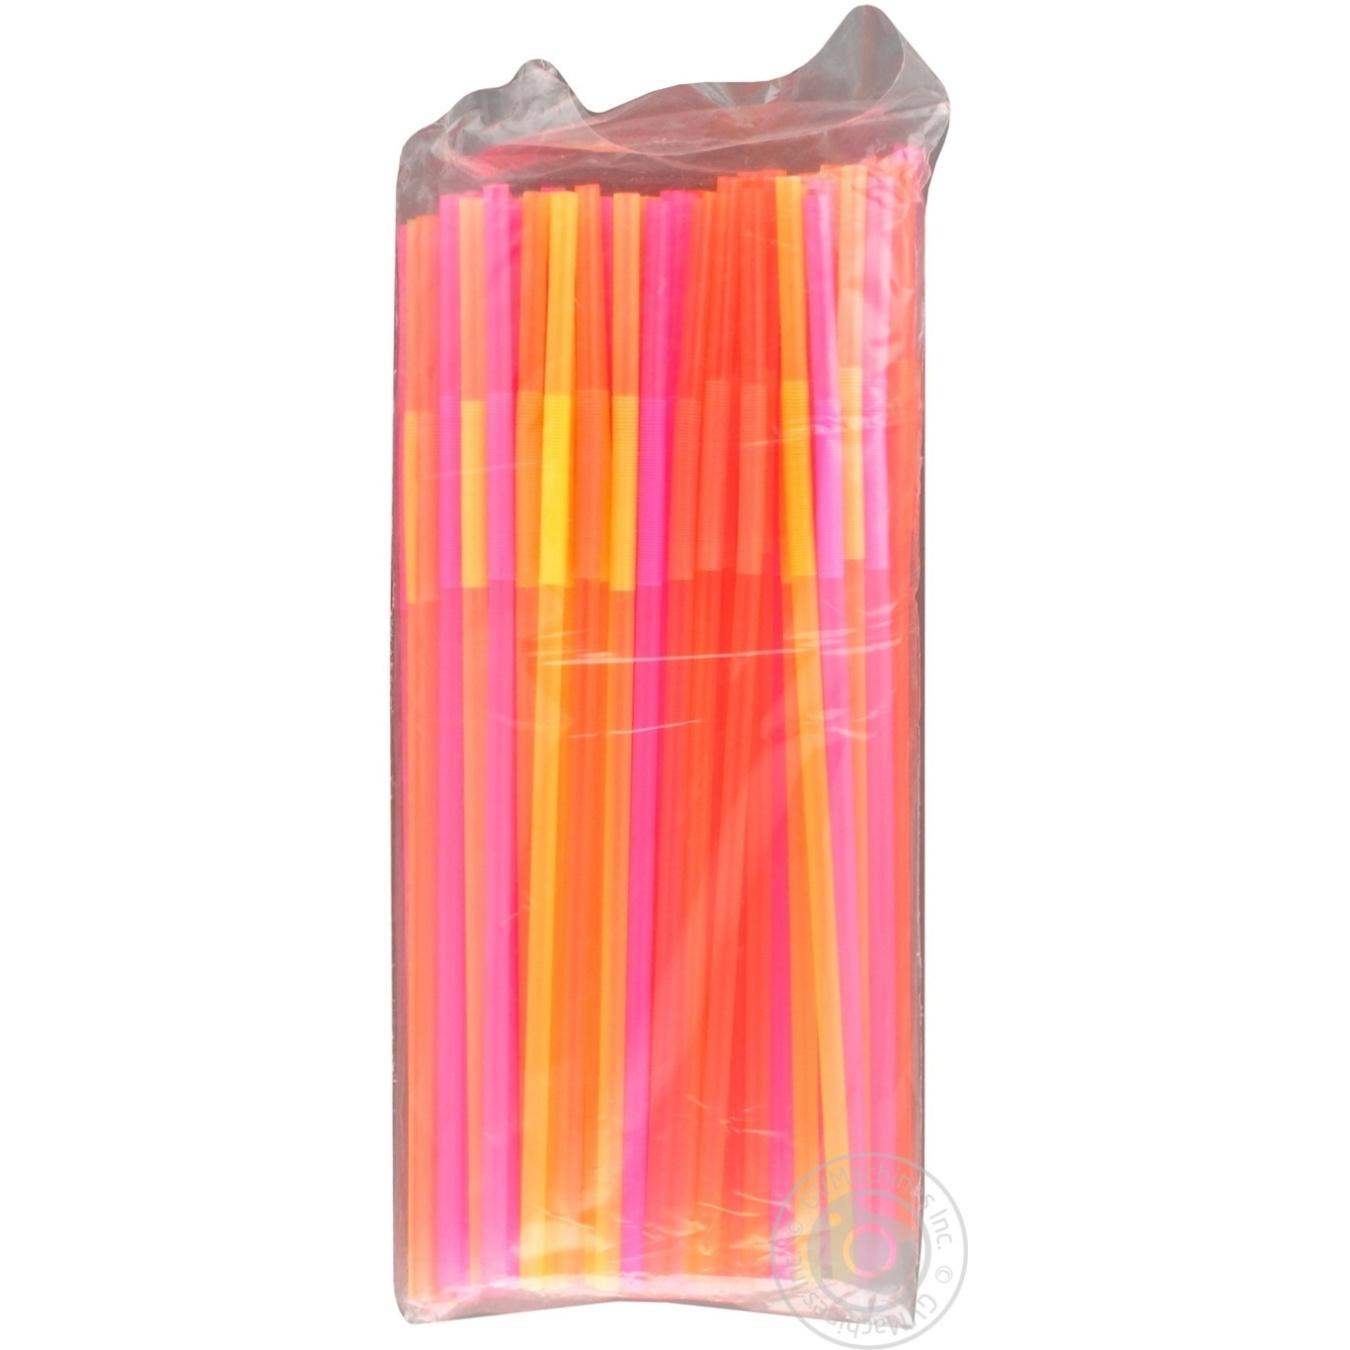 Соломка с длинной гофрой люминисцентная 210*5мм 100шт